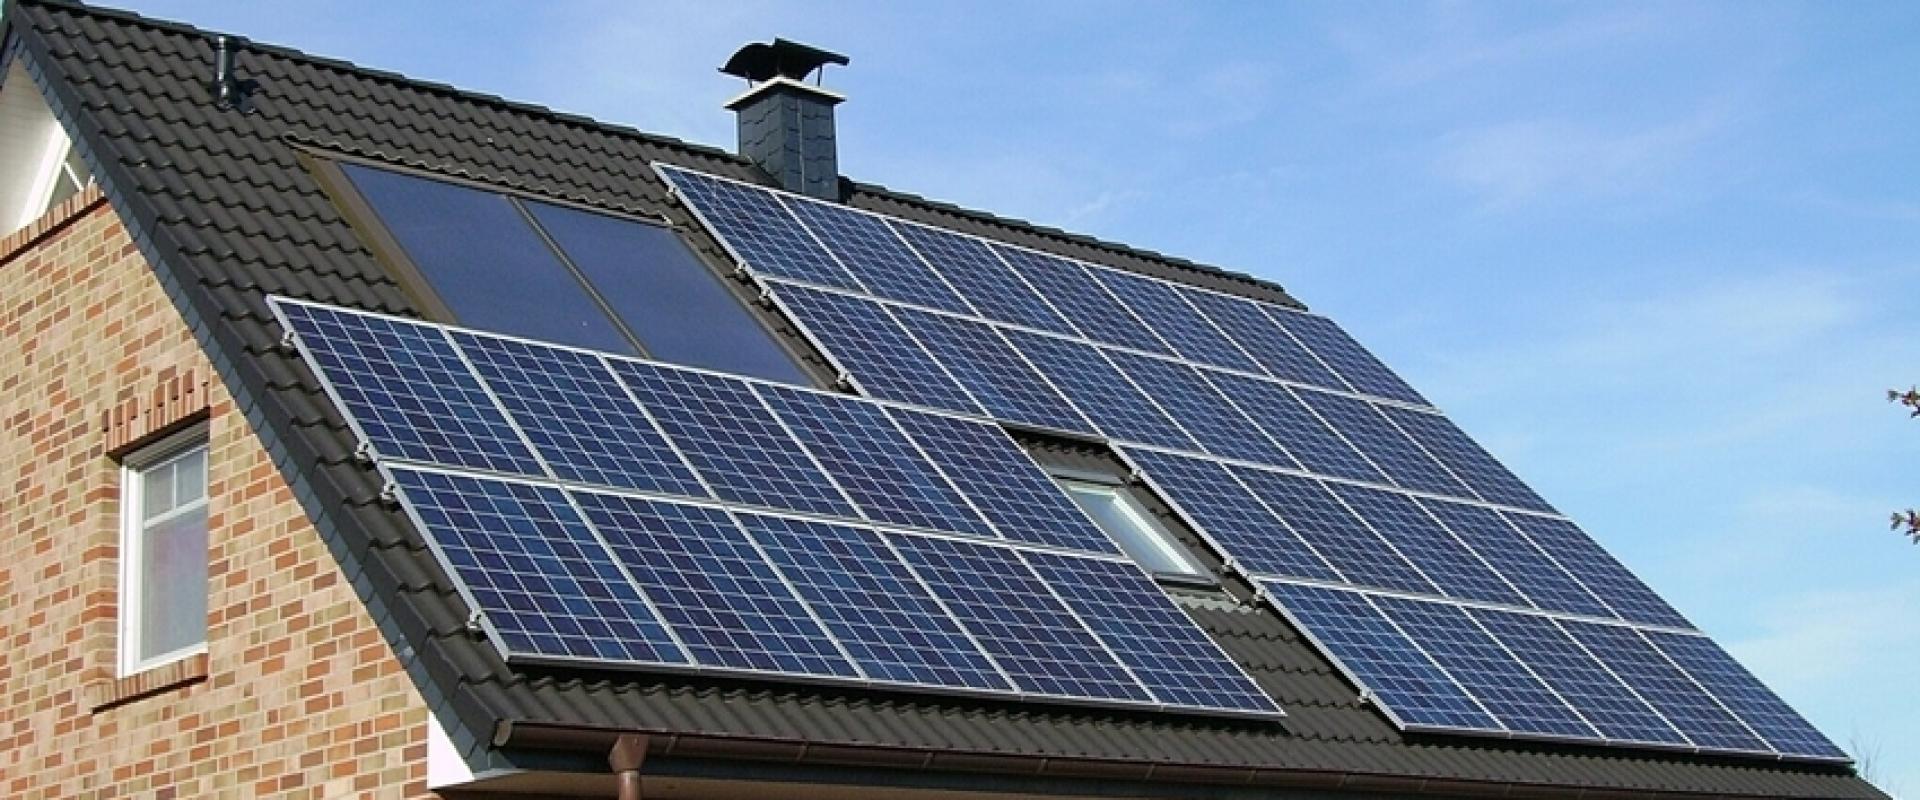 Meer lenen bij energiebesparende maatregelen?